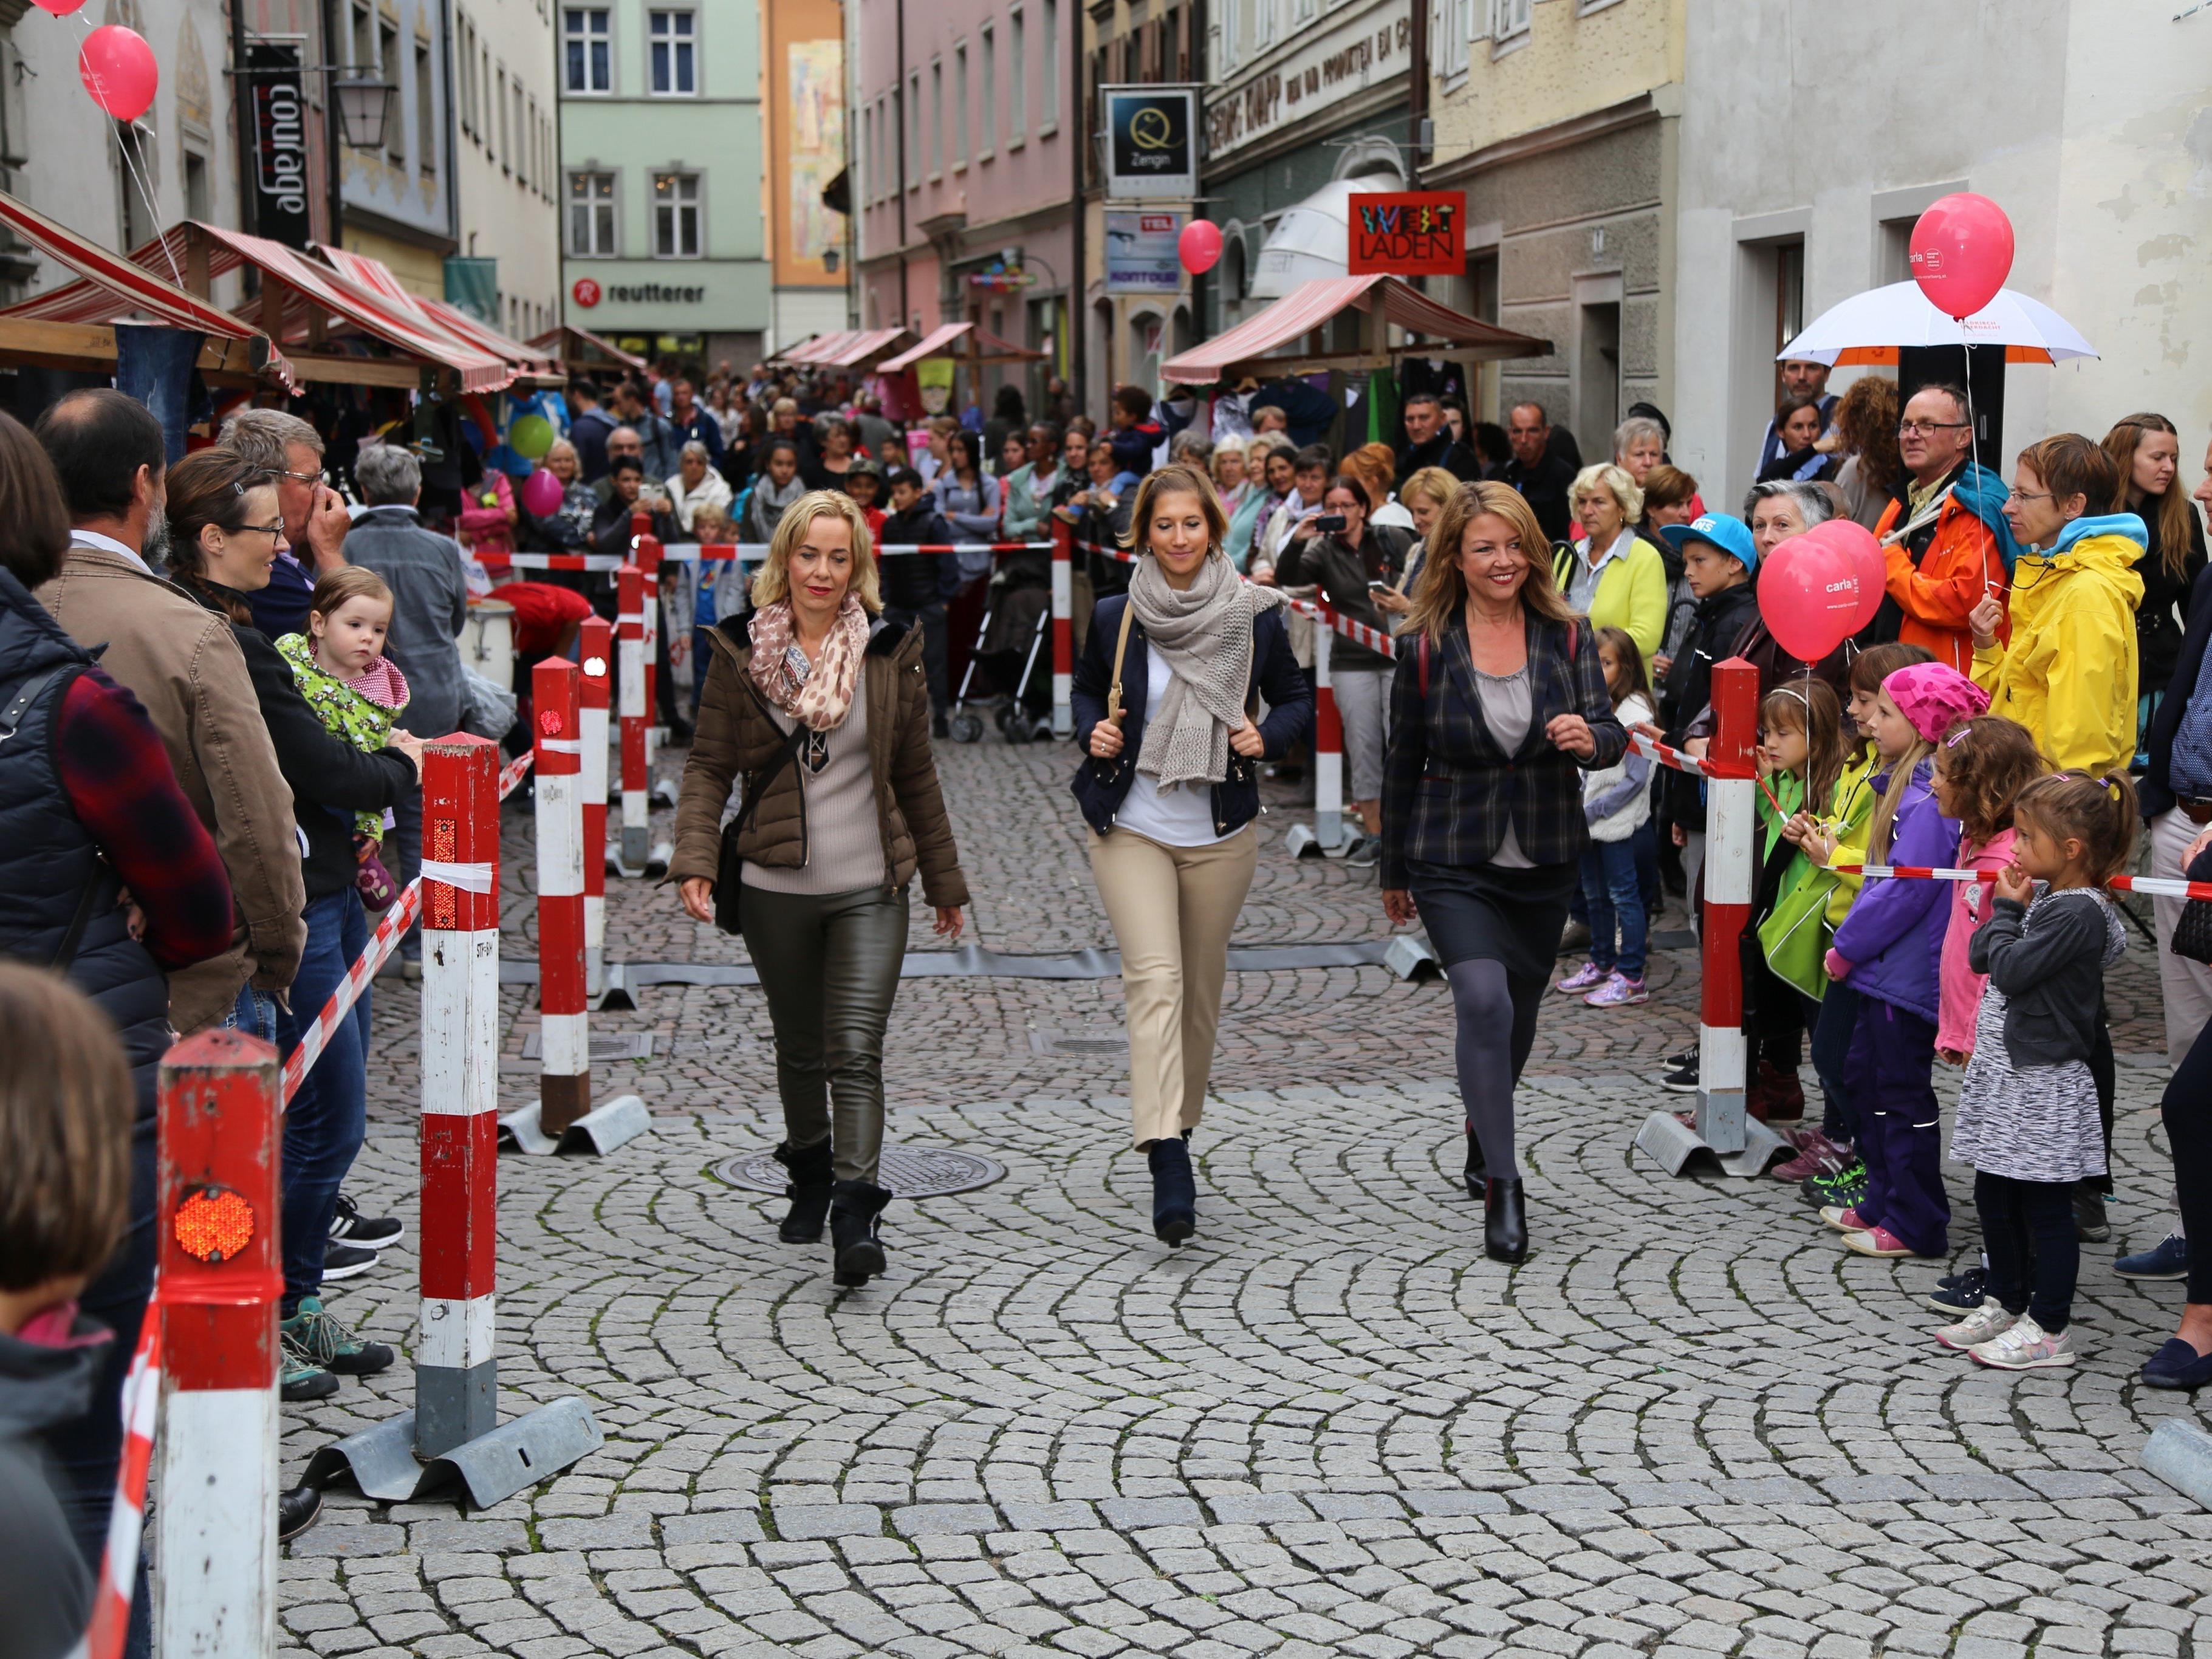 Die Modeschau bildete den großen Höhepunkt der Veranstaltung.